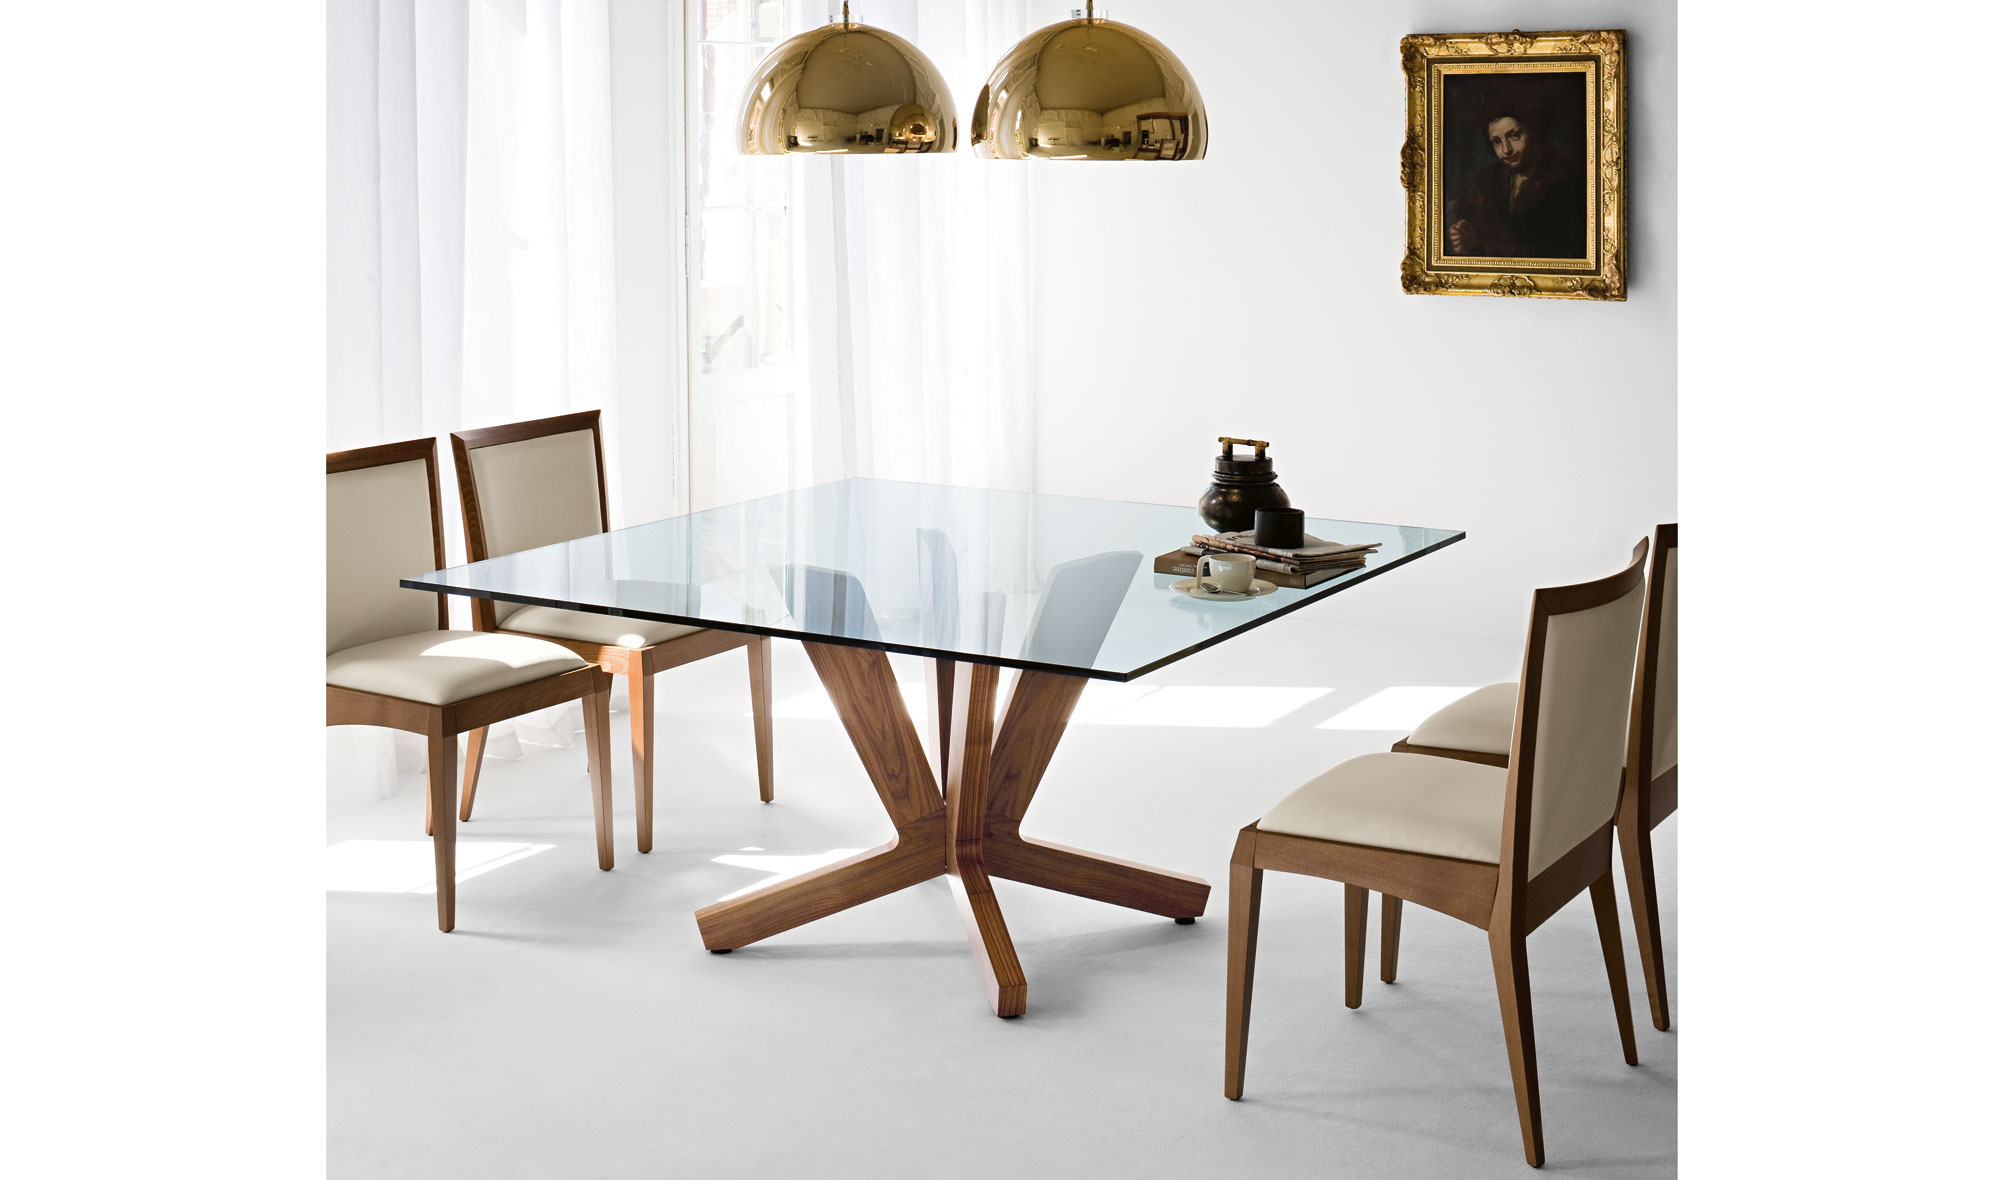 Mesa de comedor cuadrada moderna goblin cattelan en for Mesas de comedor cuadradas modernas